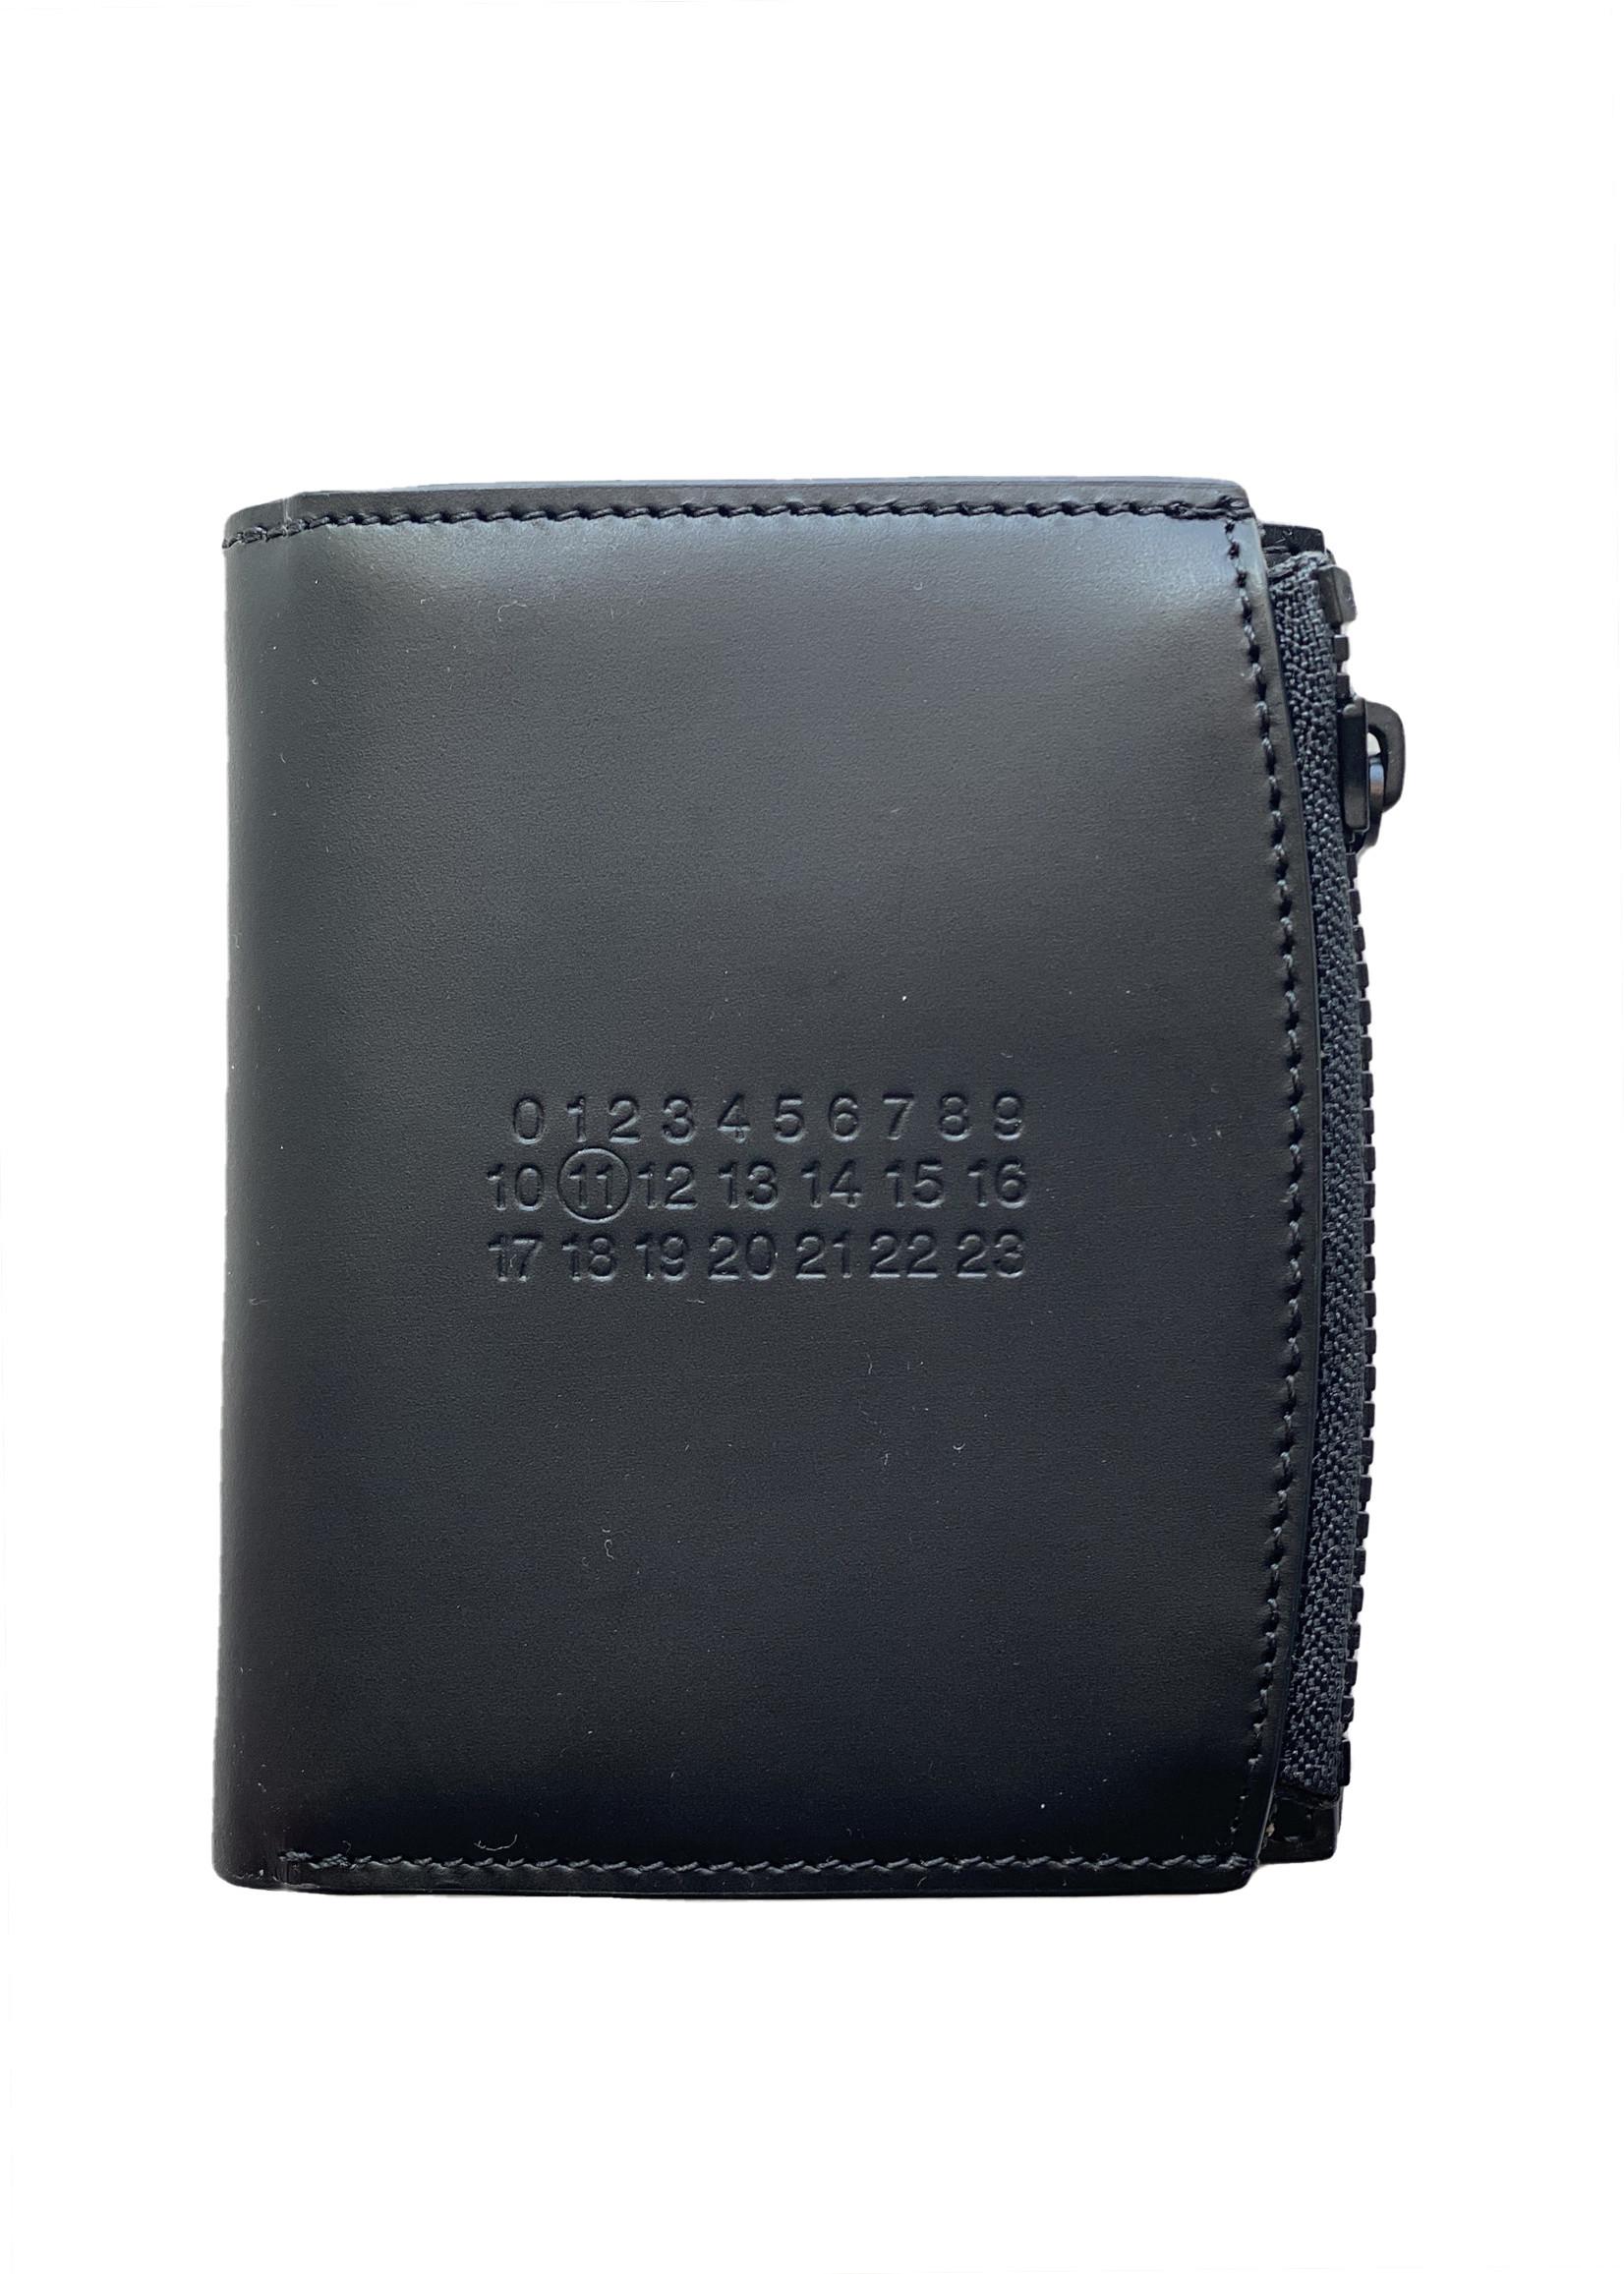 Maison Margiela Bifold Wallet in Black